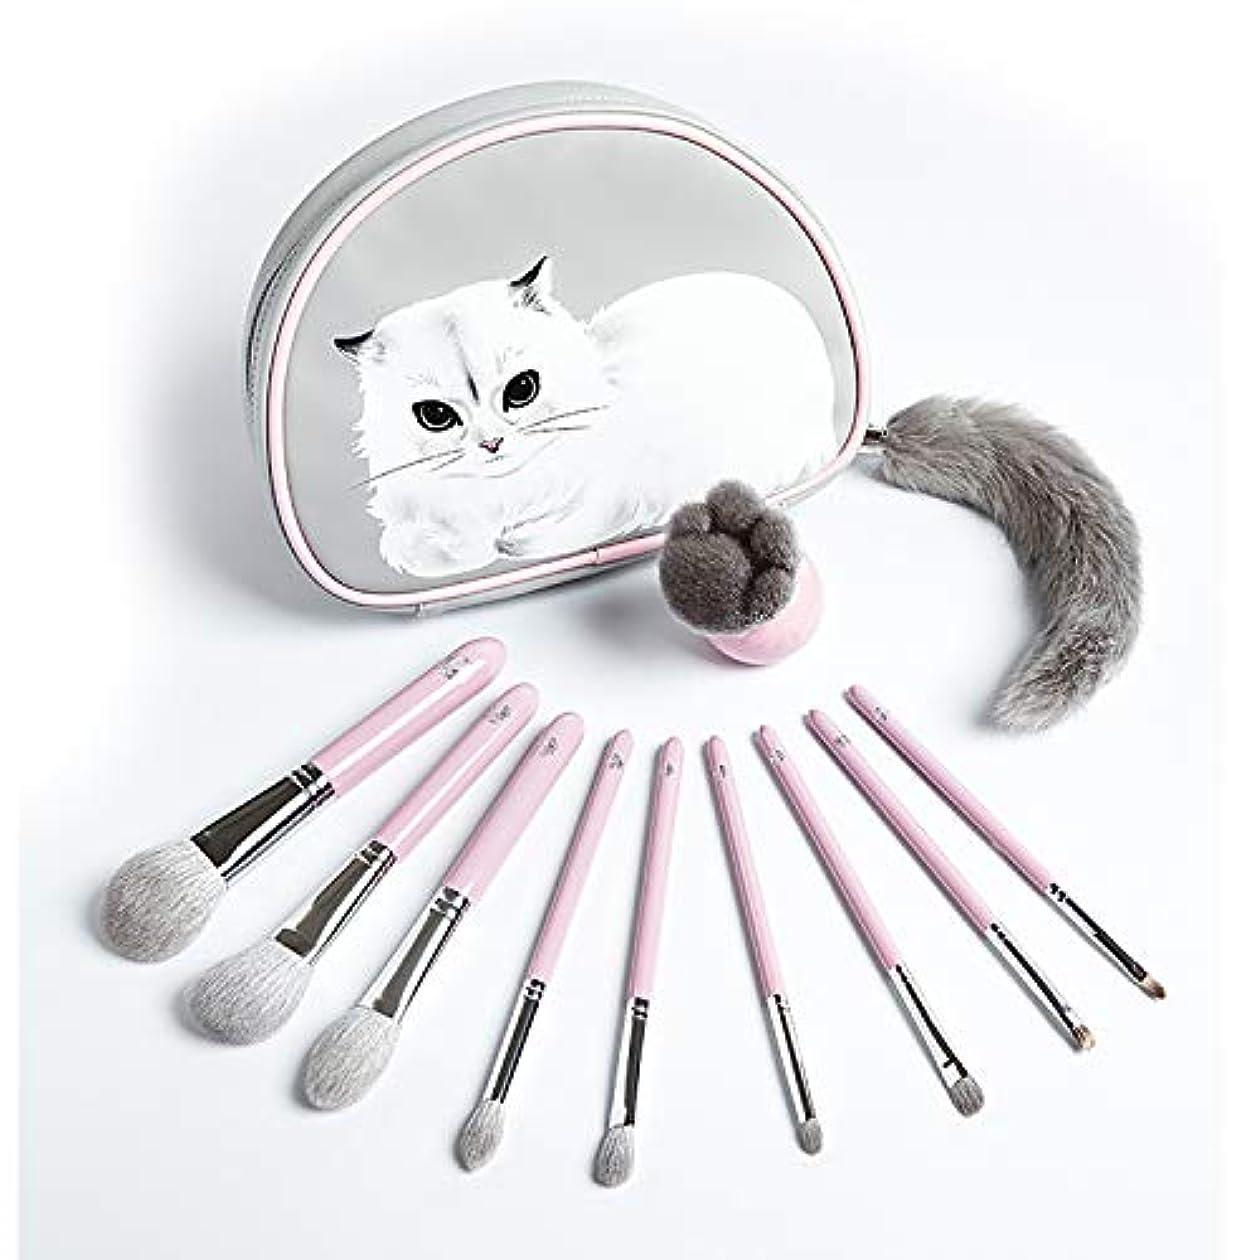 ダーツ以前はハードENERGY メイクブラシ 10本セット山羊毛 化粧ブラシ メークアップブラシ チークブラシ 化粧筆 ファンデーションブラシ かわいい 萌え猫 可愛い 化粧ポーチ付き 女性 贈り物